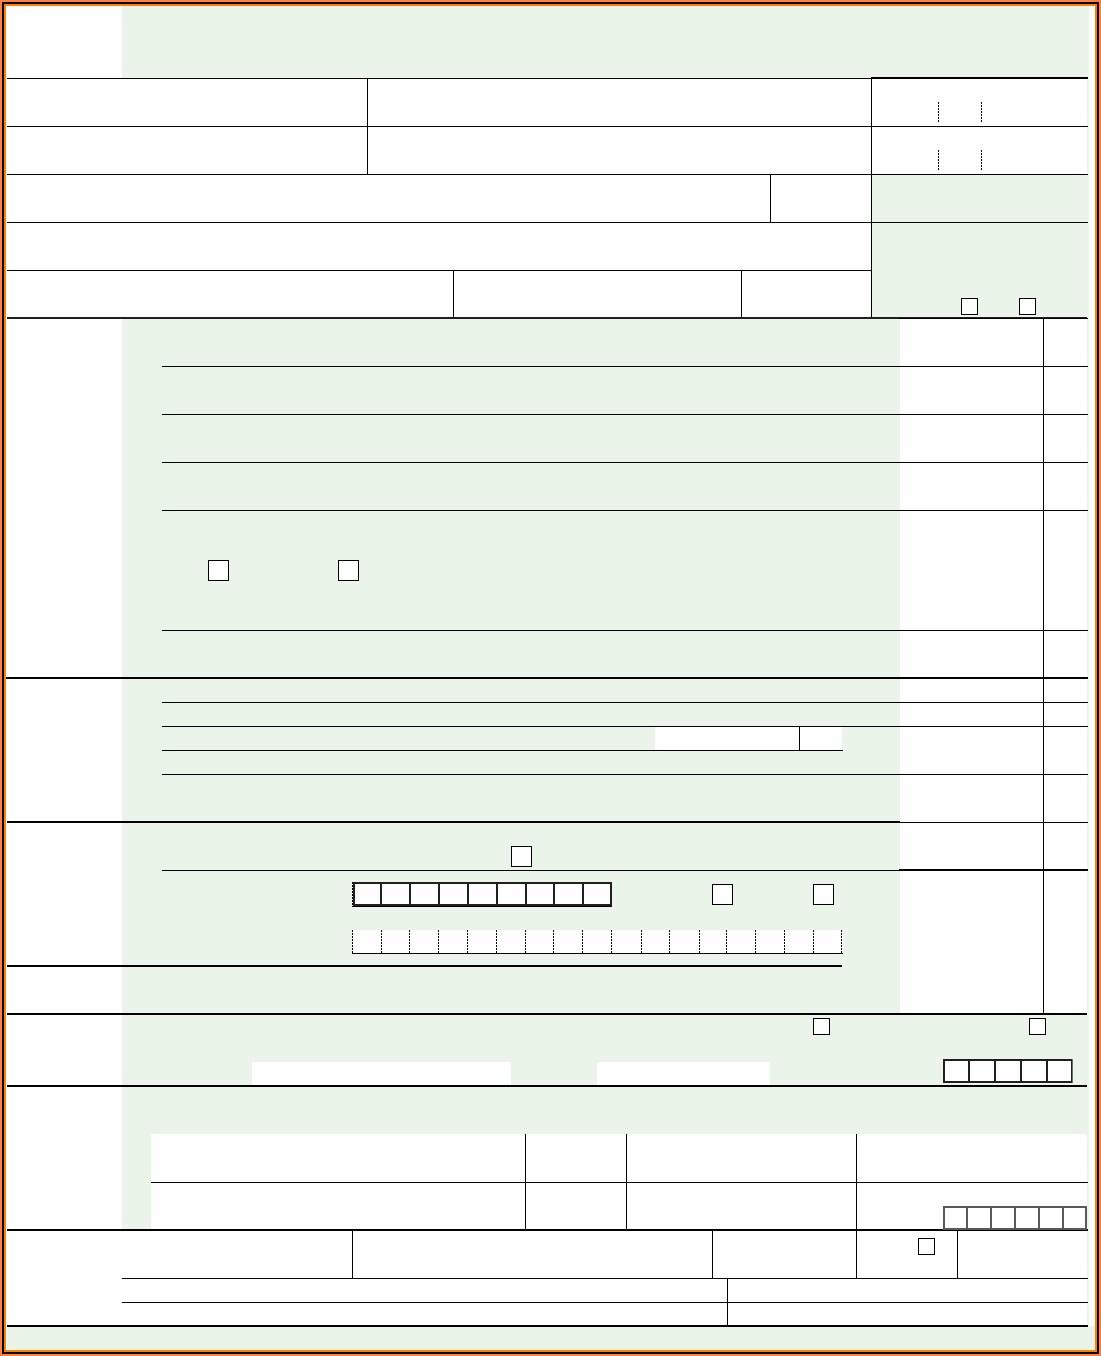 Form 1040ez 2012